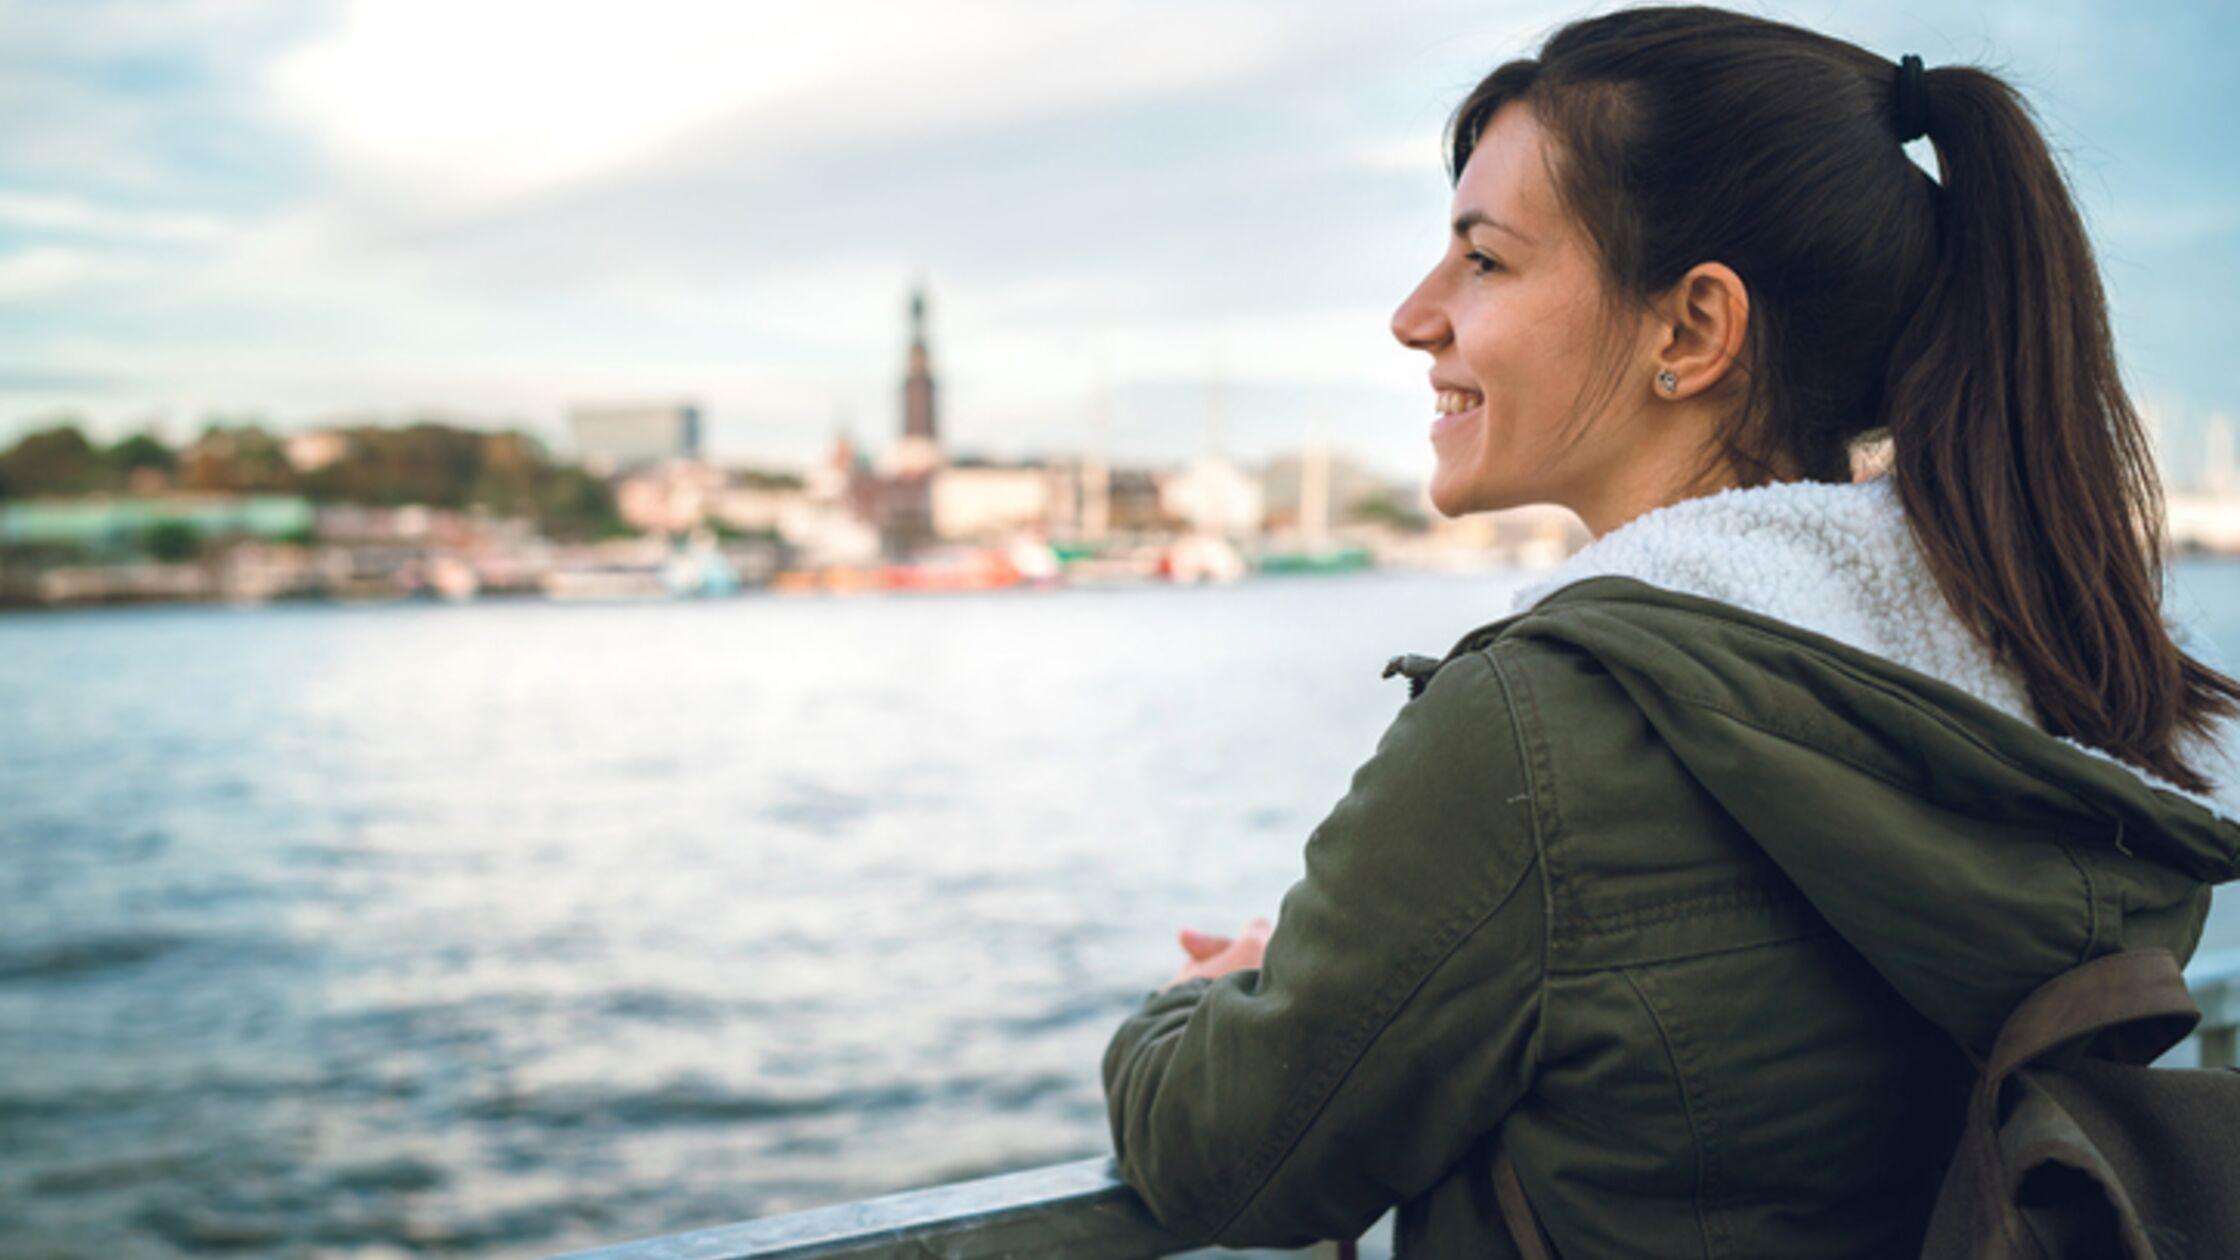 Zeit für den Umzug: 5 Gründe, in eine neue Stadt zu ziehen